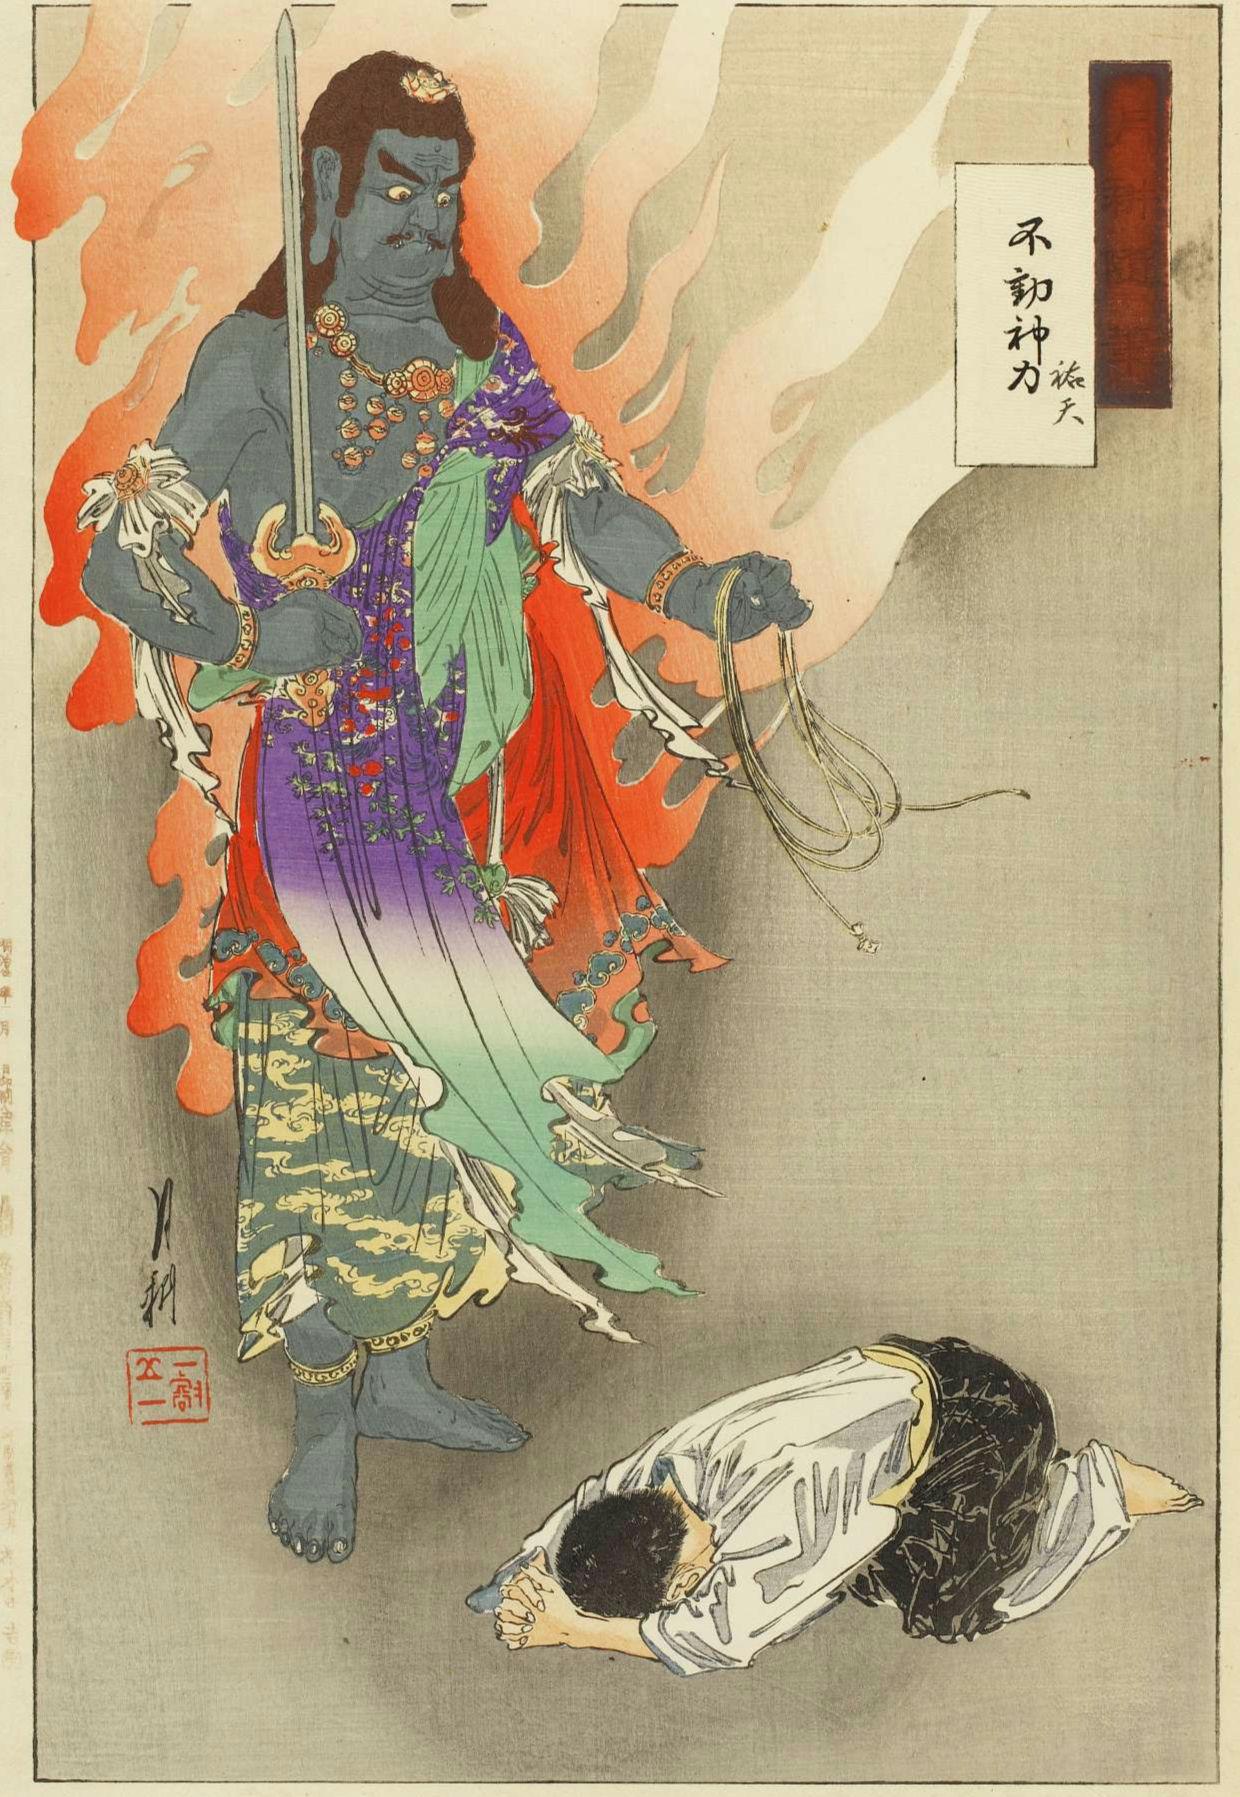 【成田山と浄土宗】剣を呑む祐天上人のモチーフあれこれ_b0116271_21533447.jpg